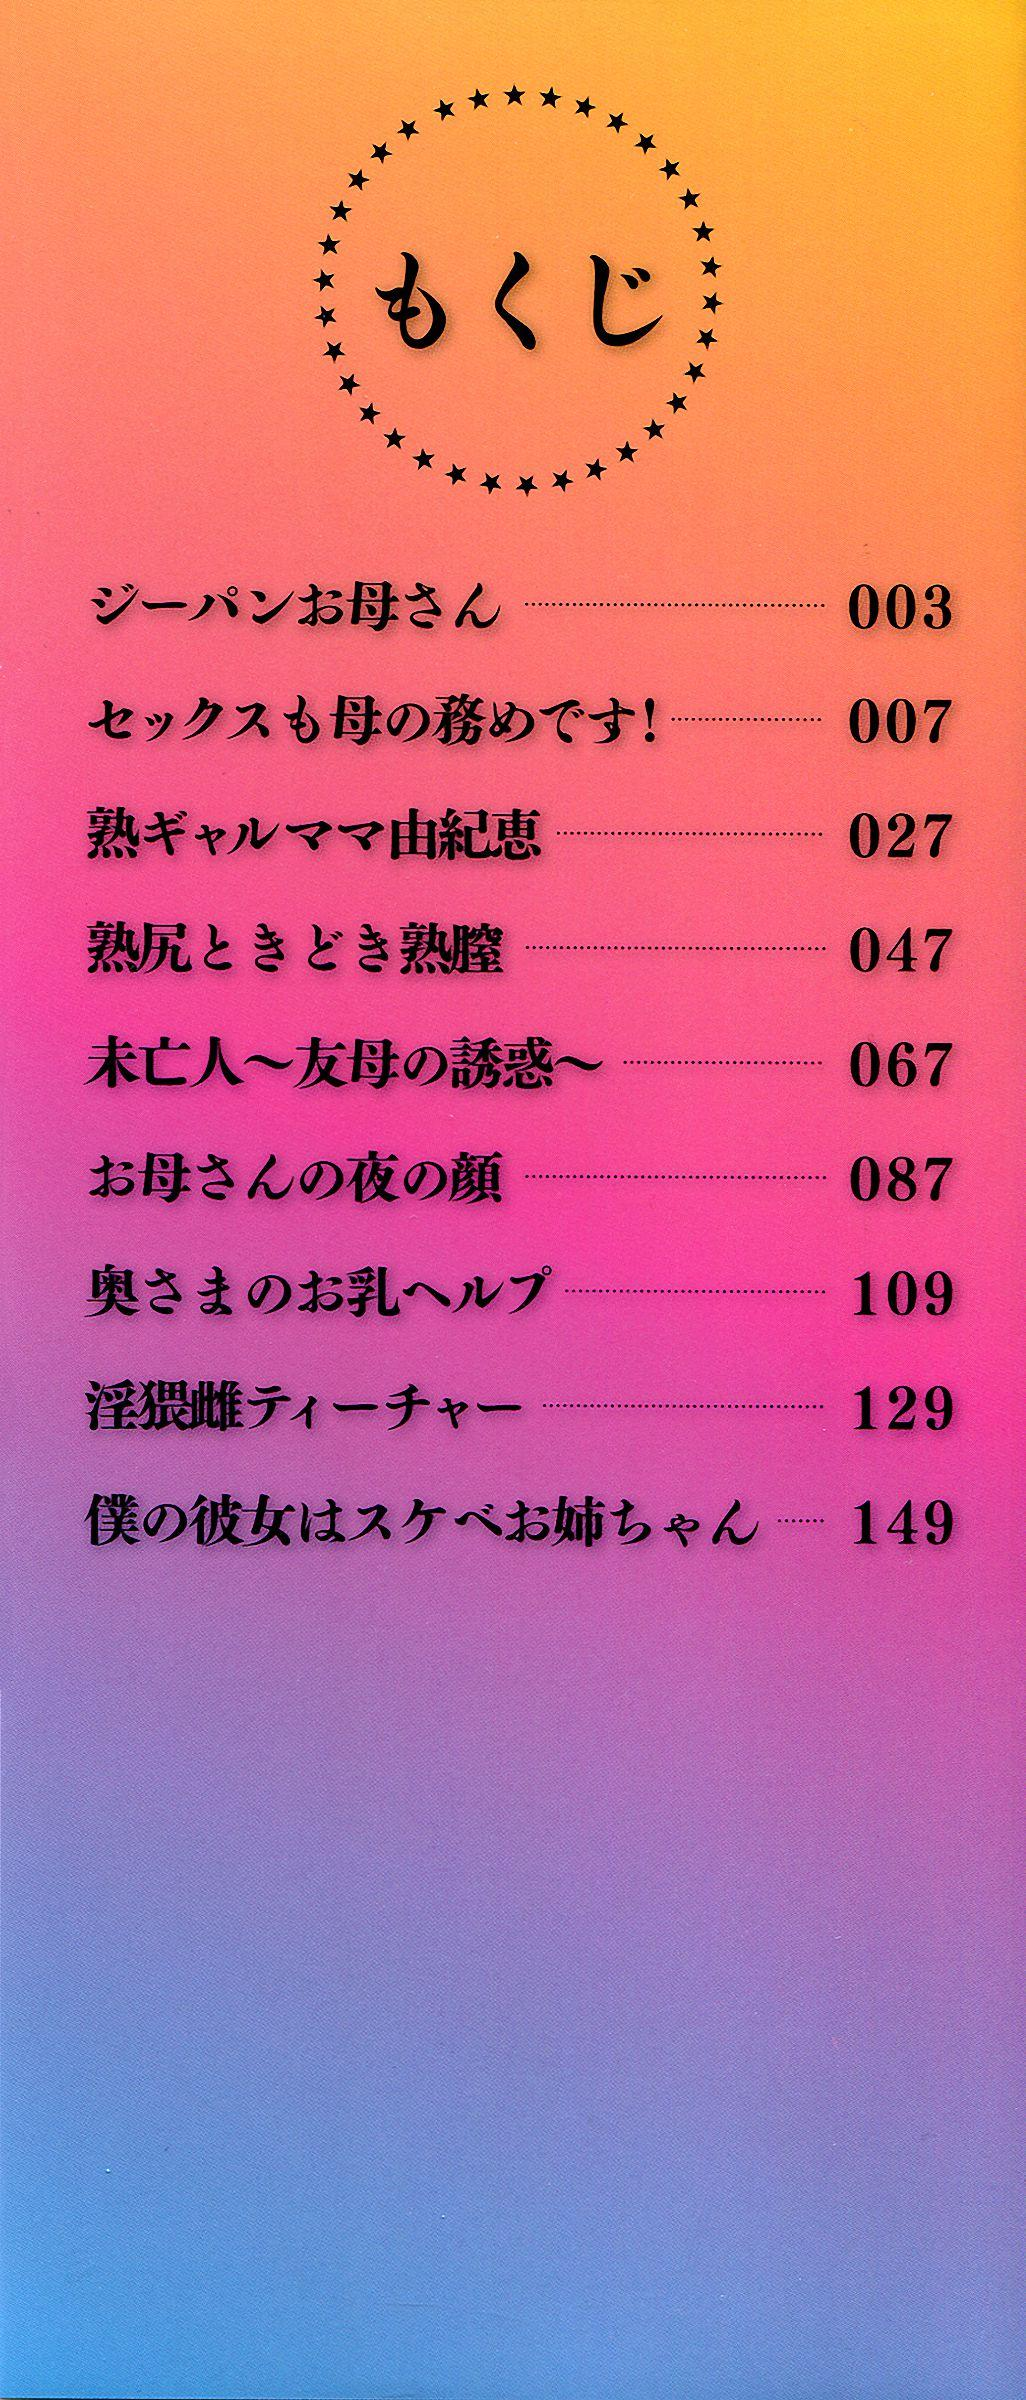 [Yokkora] Megabody Night ~Watashi no Oniku wo Meshiagare~ | Megabody Night ~My voluptuous body & mom love~ [English] {Laruffi + desudesu + EHCOVE} 2